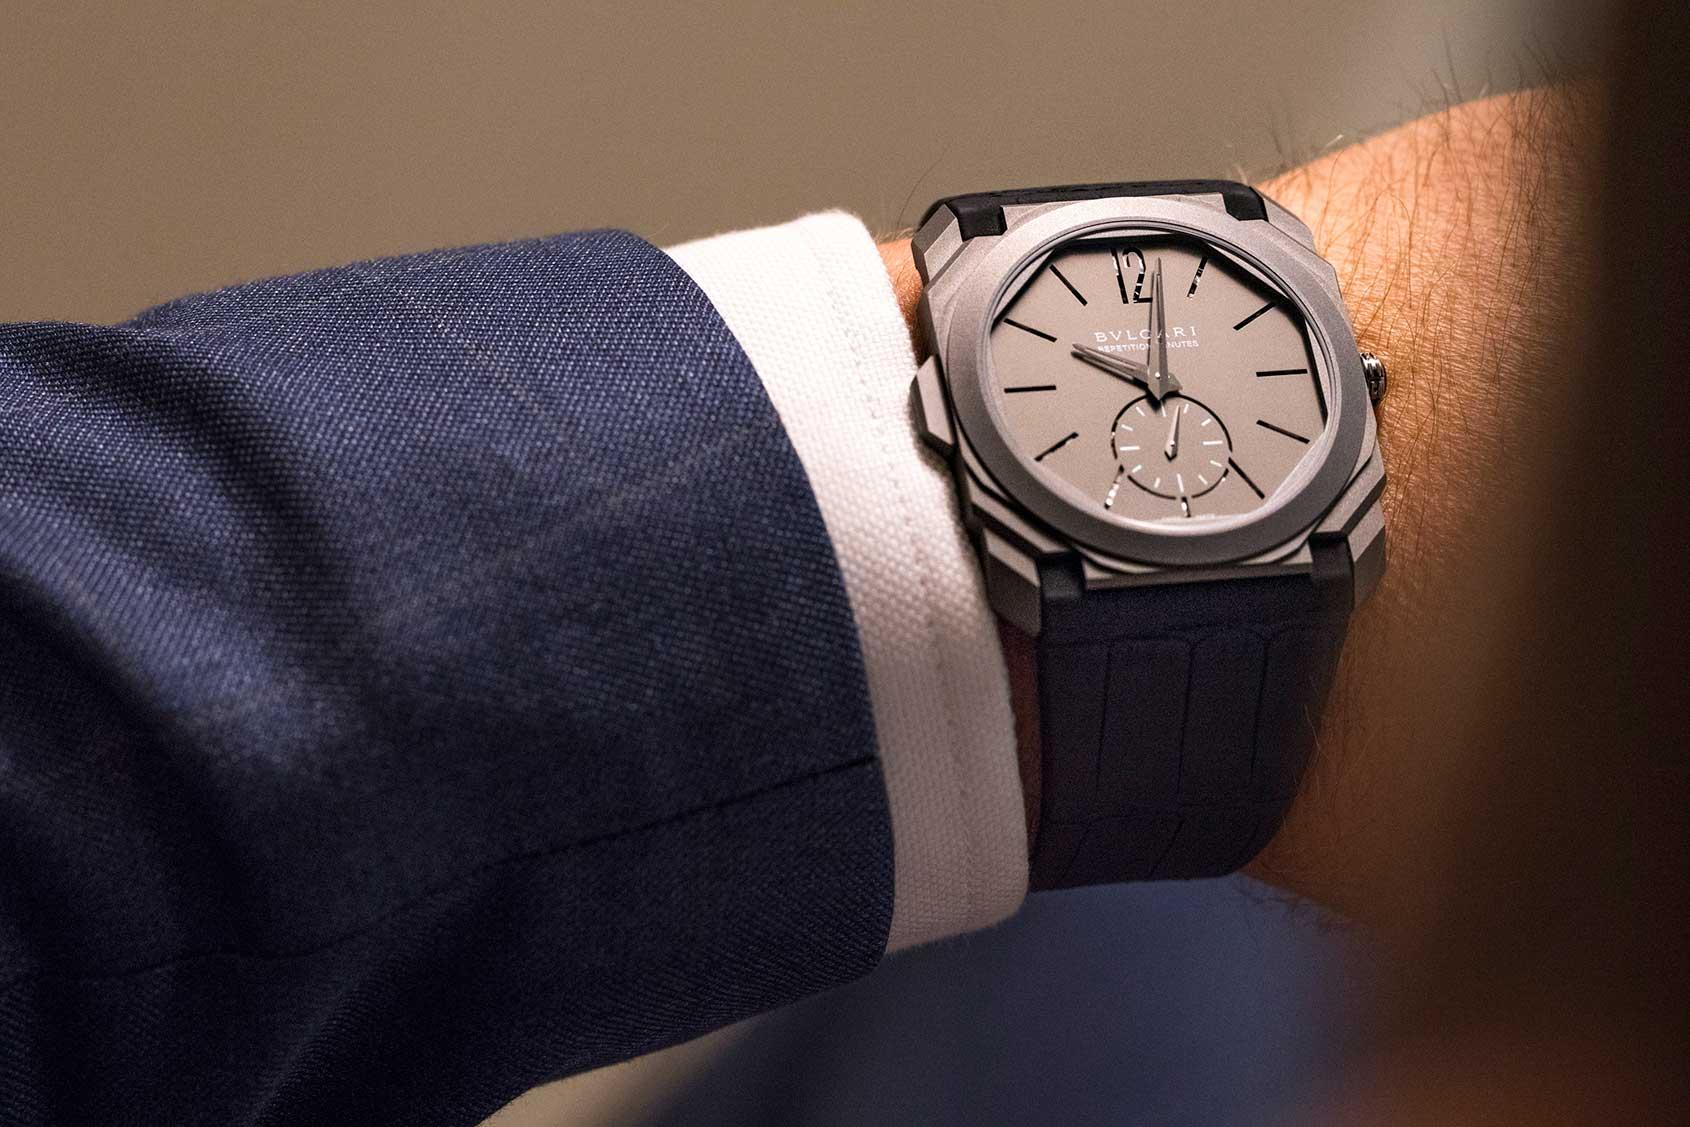 đồng hồ nam mỏng đẹp nhất thế giới